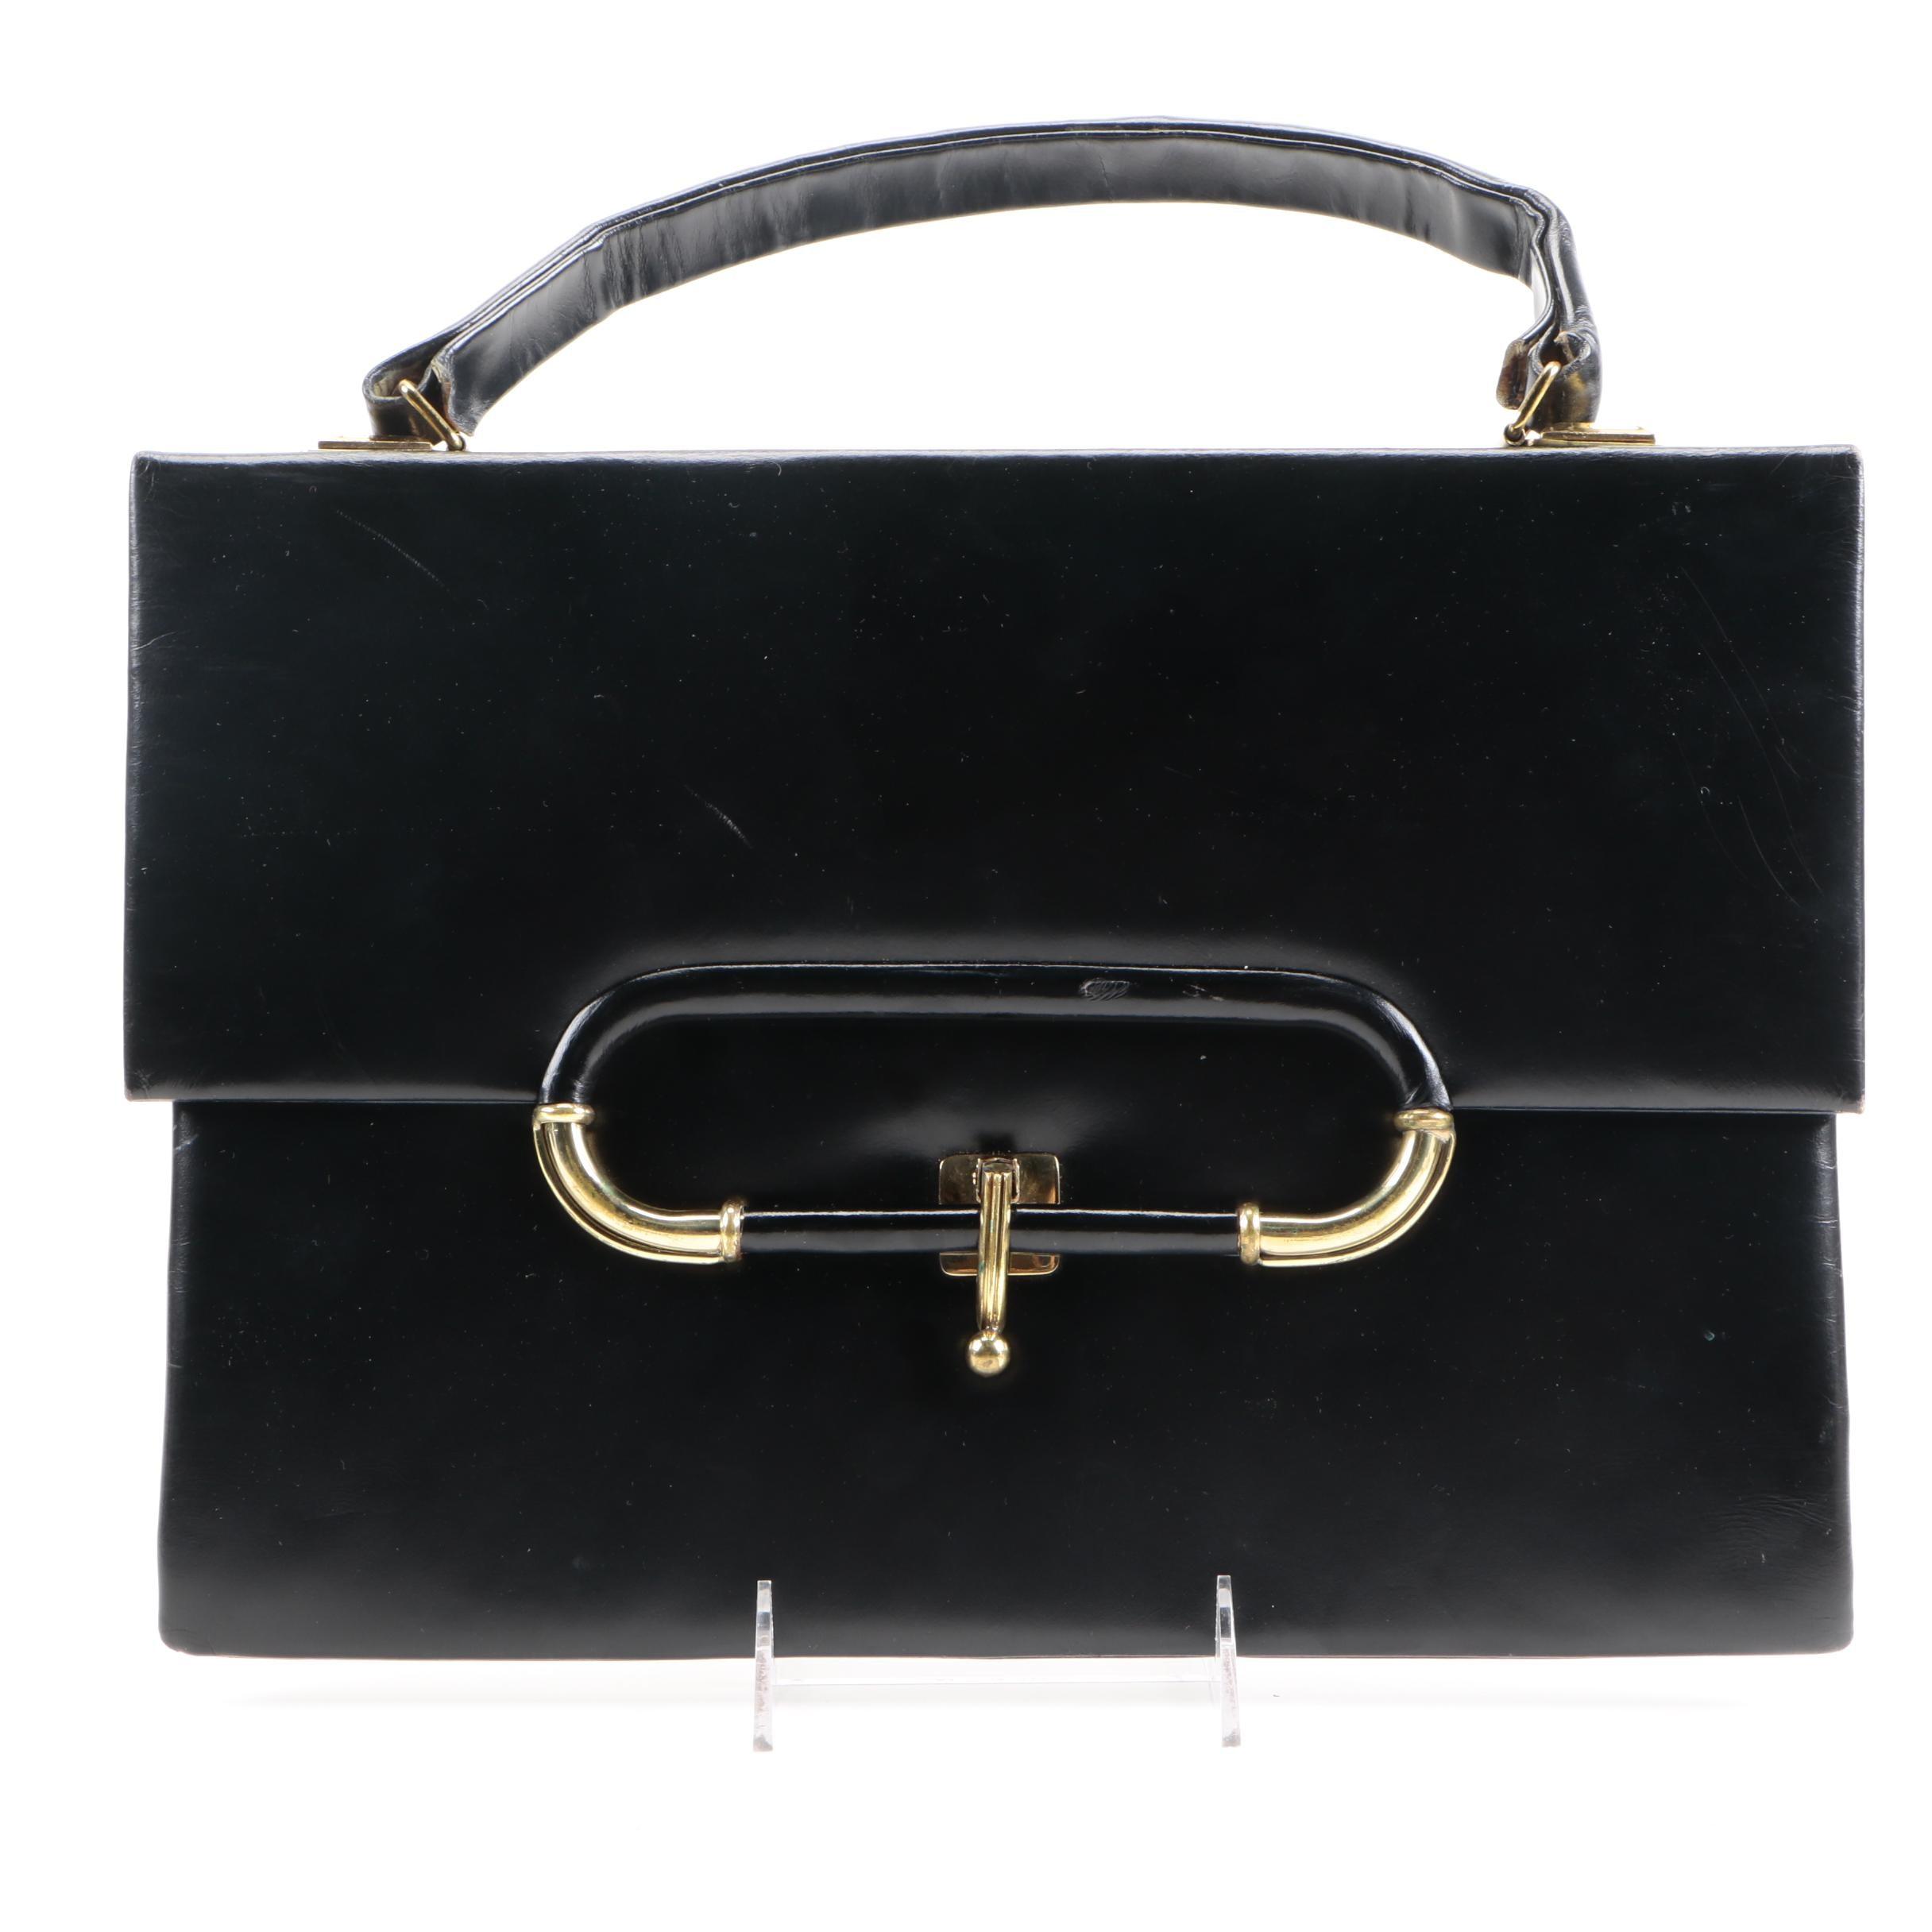 Vintage 1950s Black Leather Briefcase Handbag